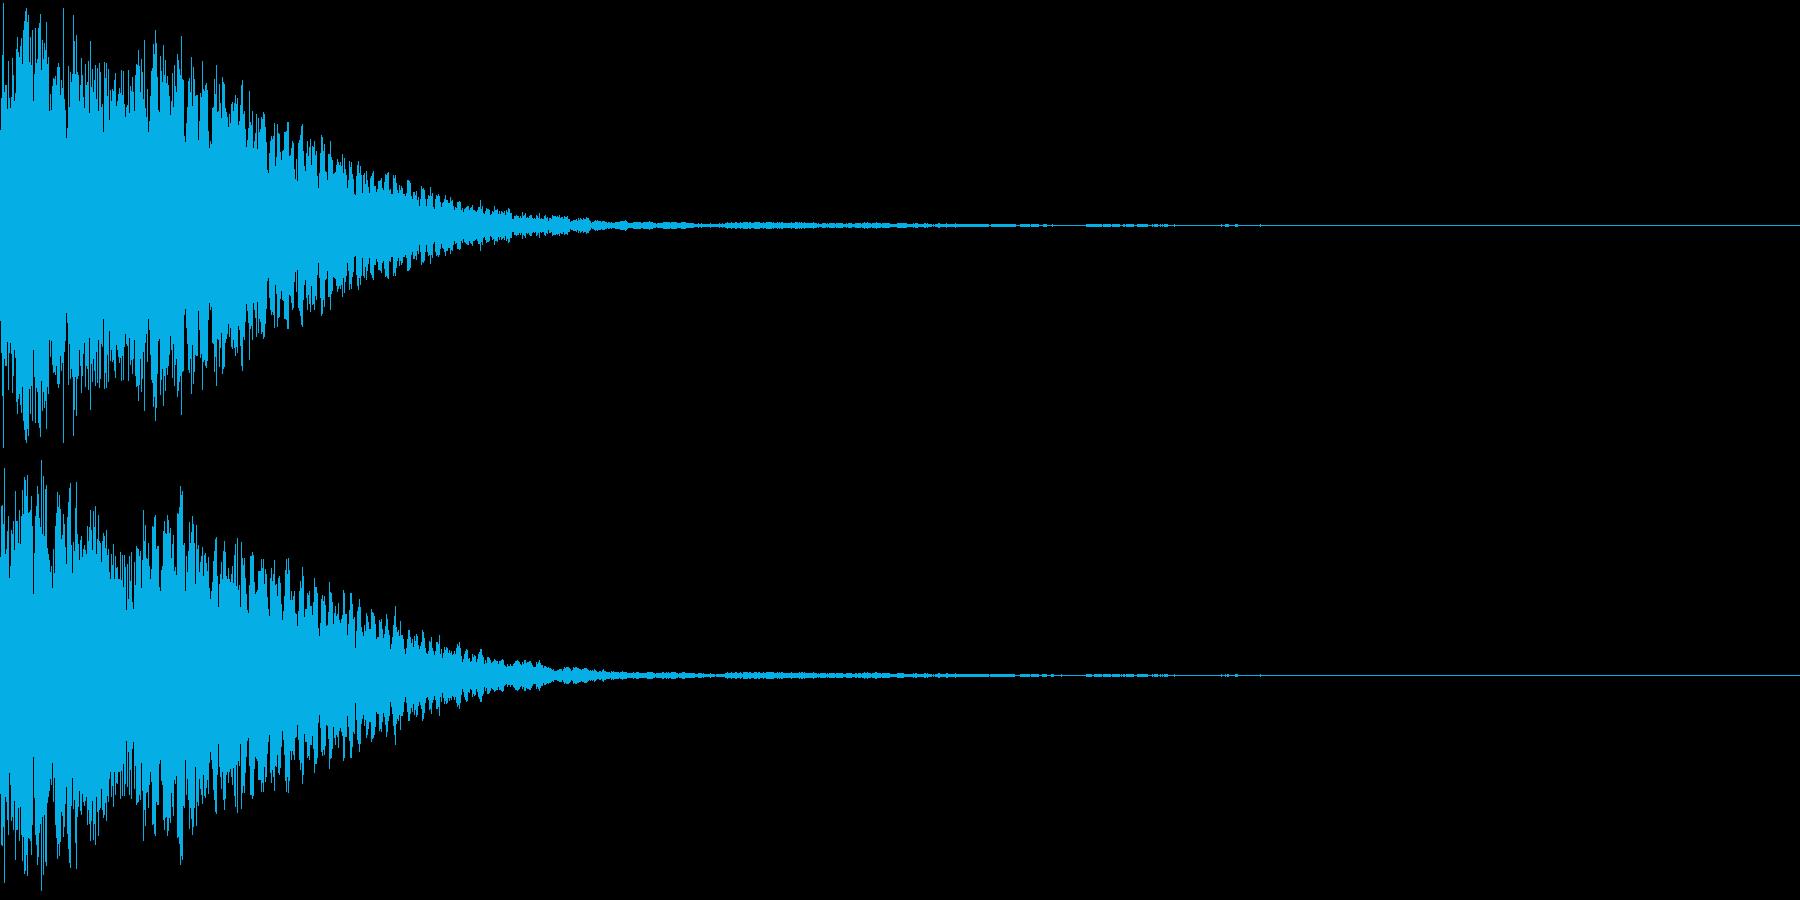 クリック音、キラン、キュイン、ピコン06の再生済みの波形